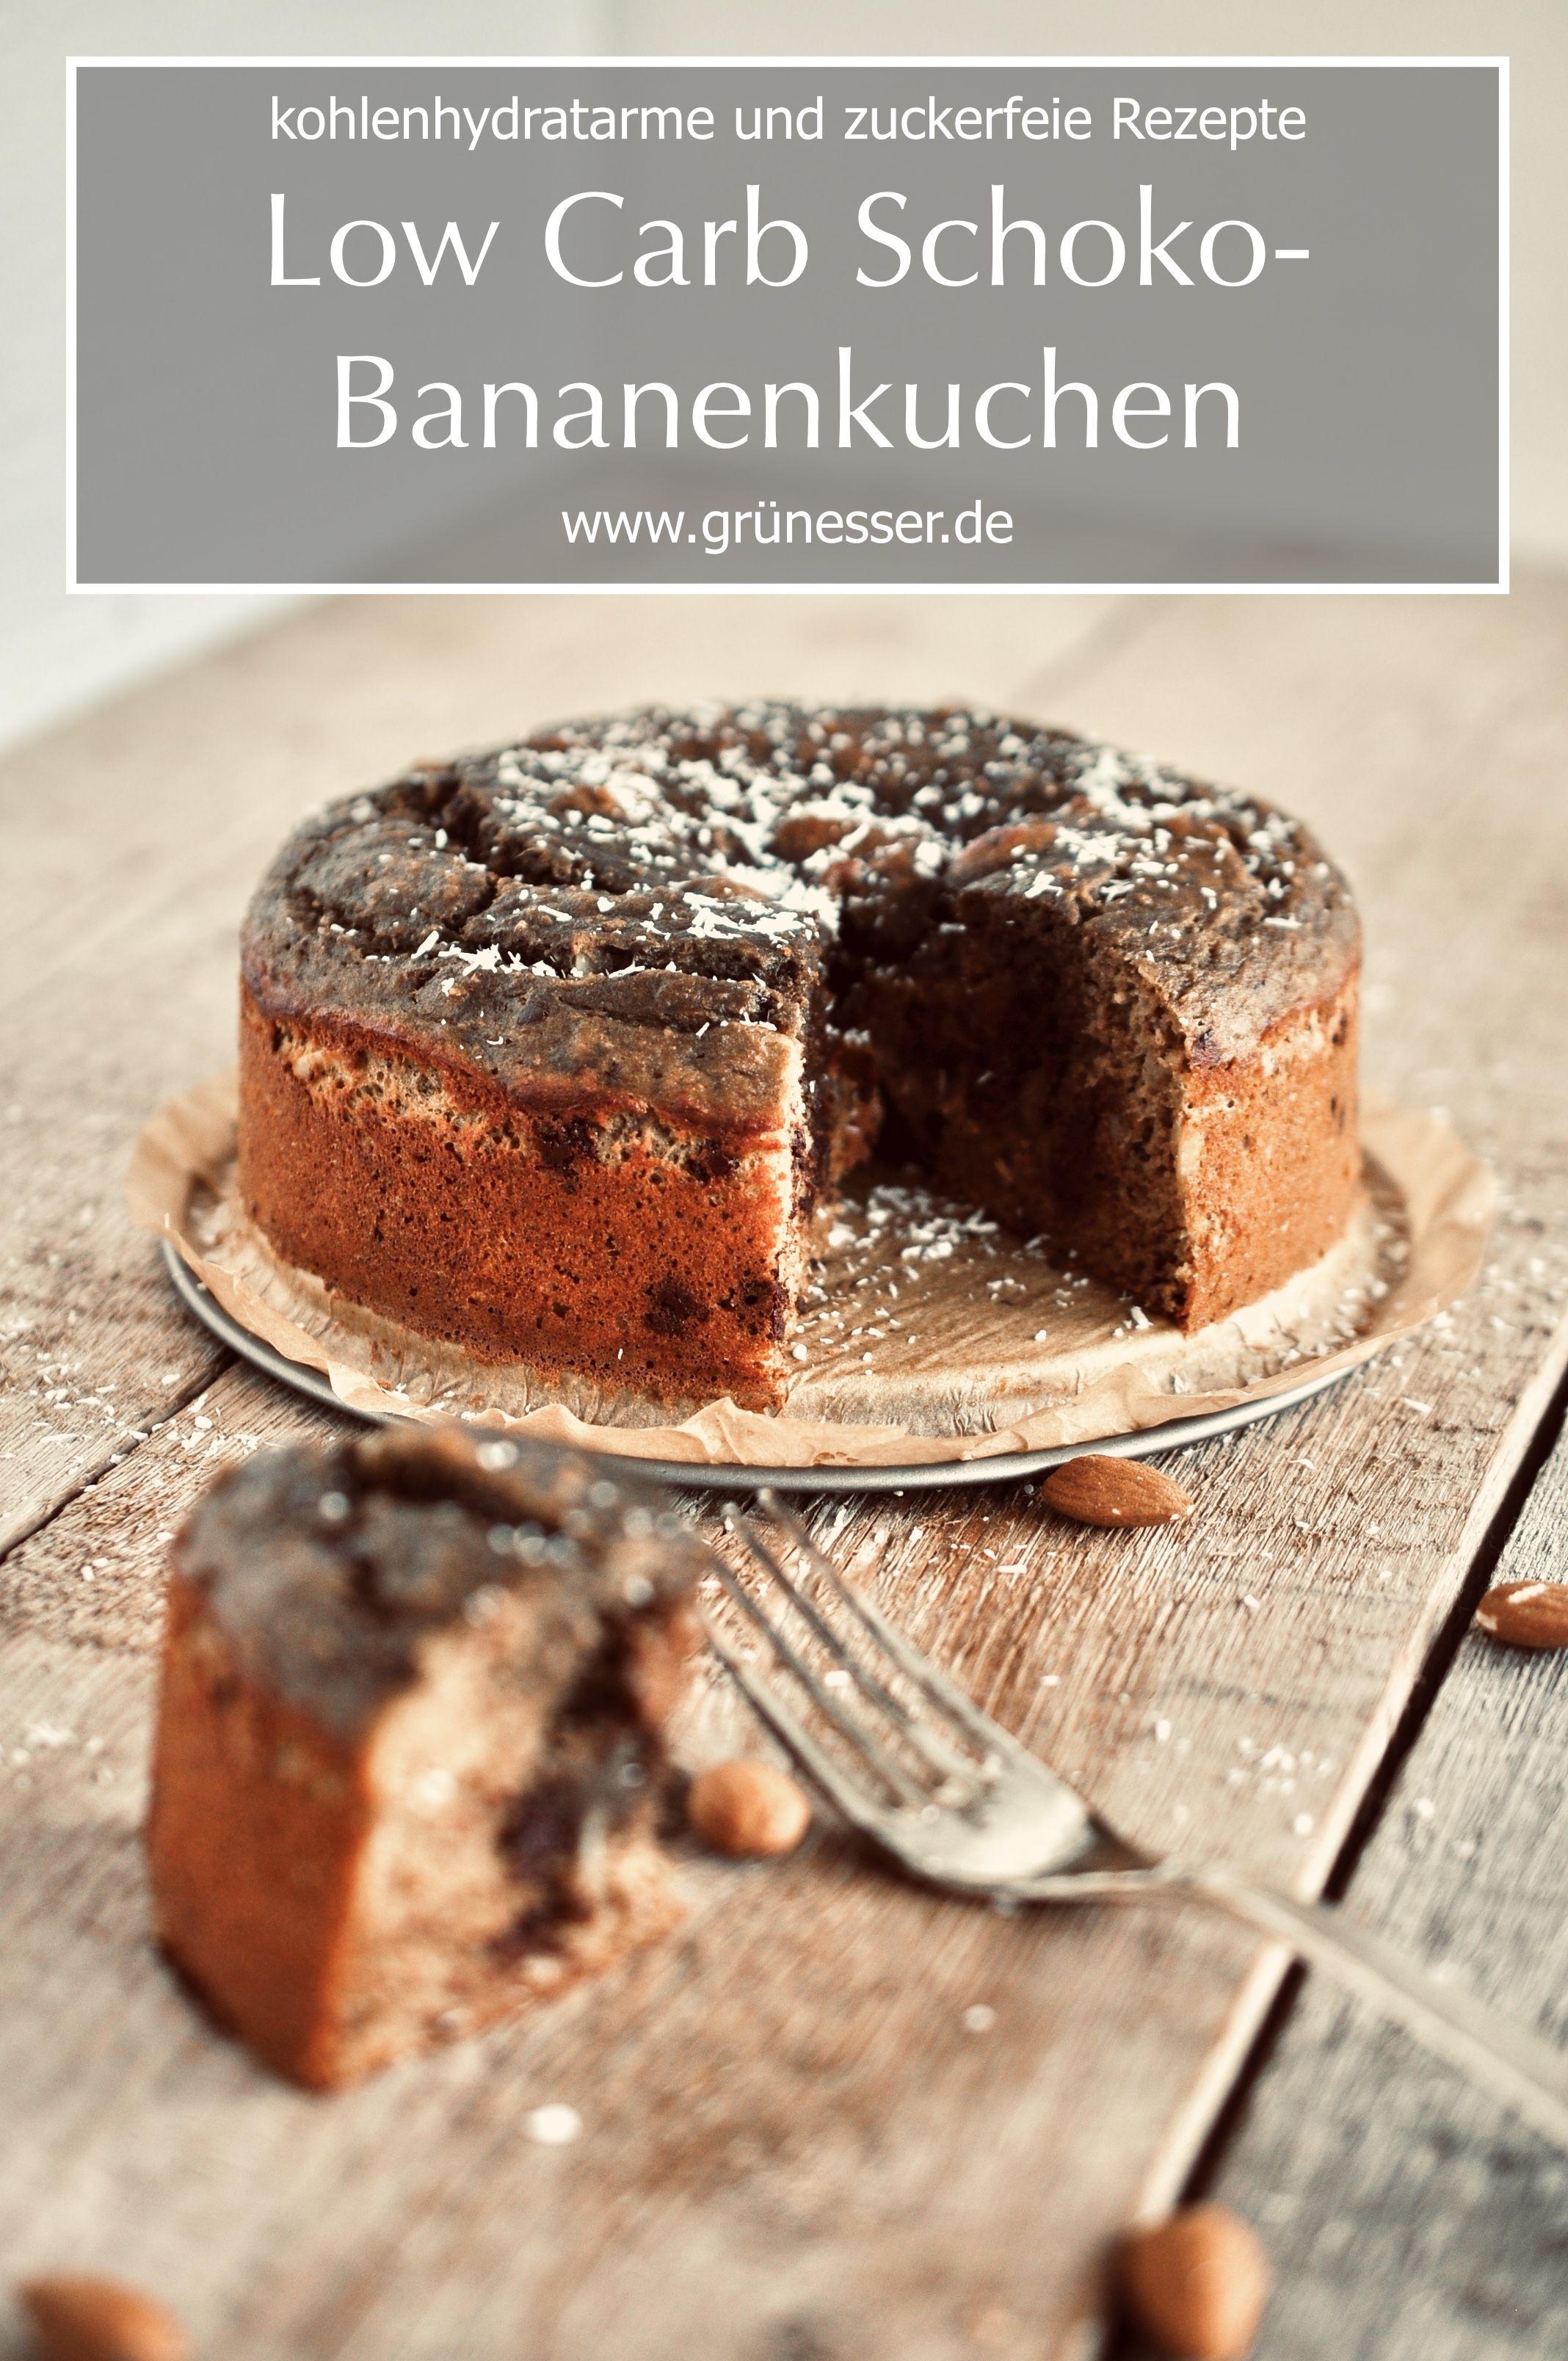 Low Carb Schoko Bananenkuchen Rezept Bananen Kuchen Schoko Bananen Kuchen Ohne Zucker Und Bananenkuchen